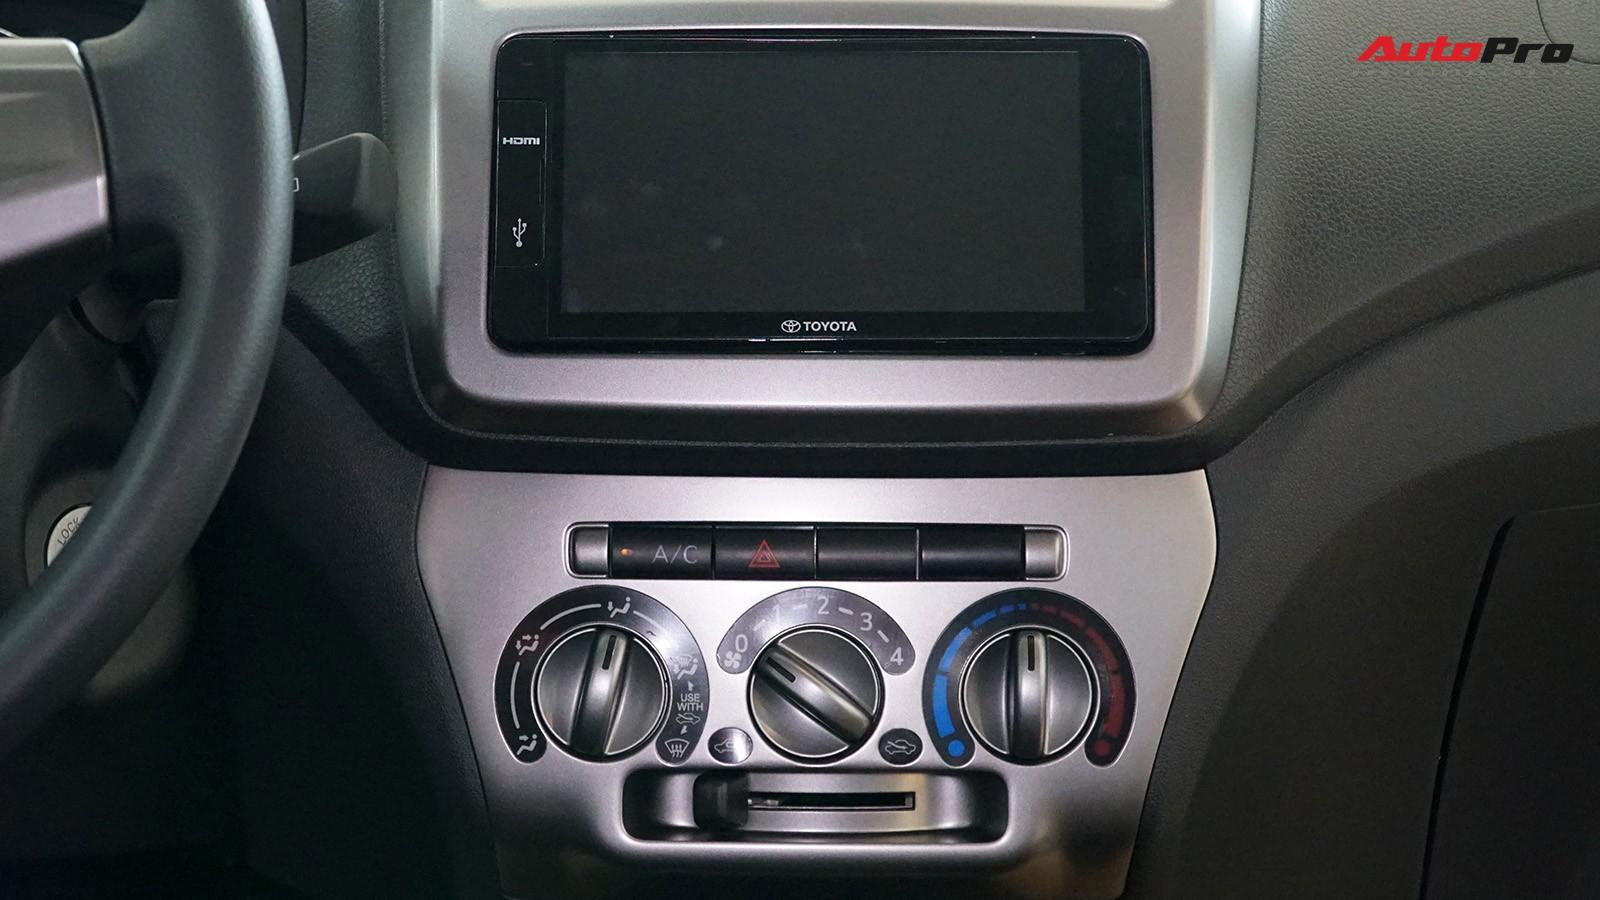 hệ thống giải trí và điều hòa xe Wigo - Toyota Wigo: giá xe và khuyến mãi tháng [hienthithang]/[hienthinam]